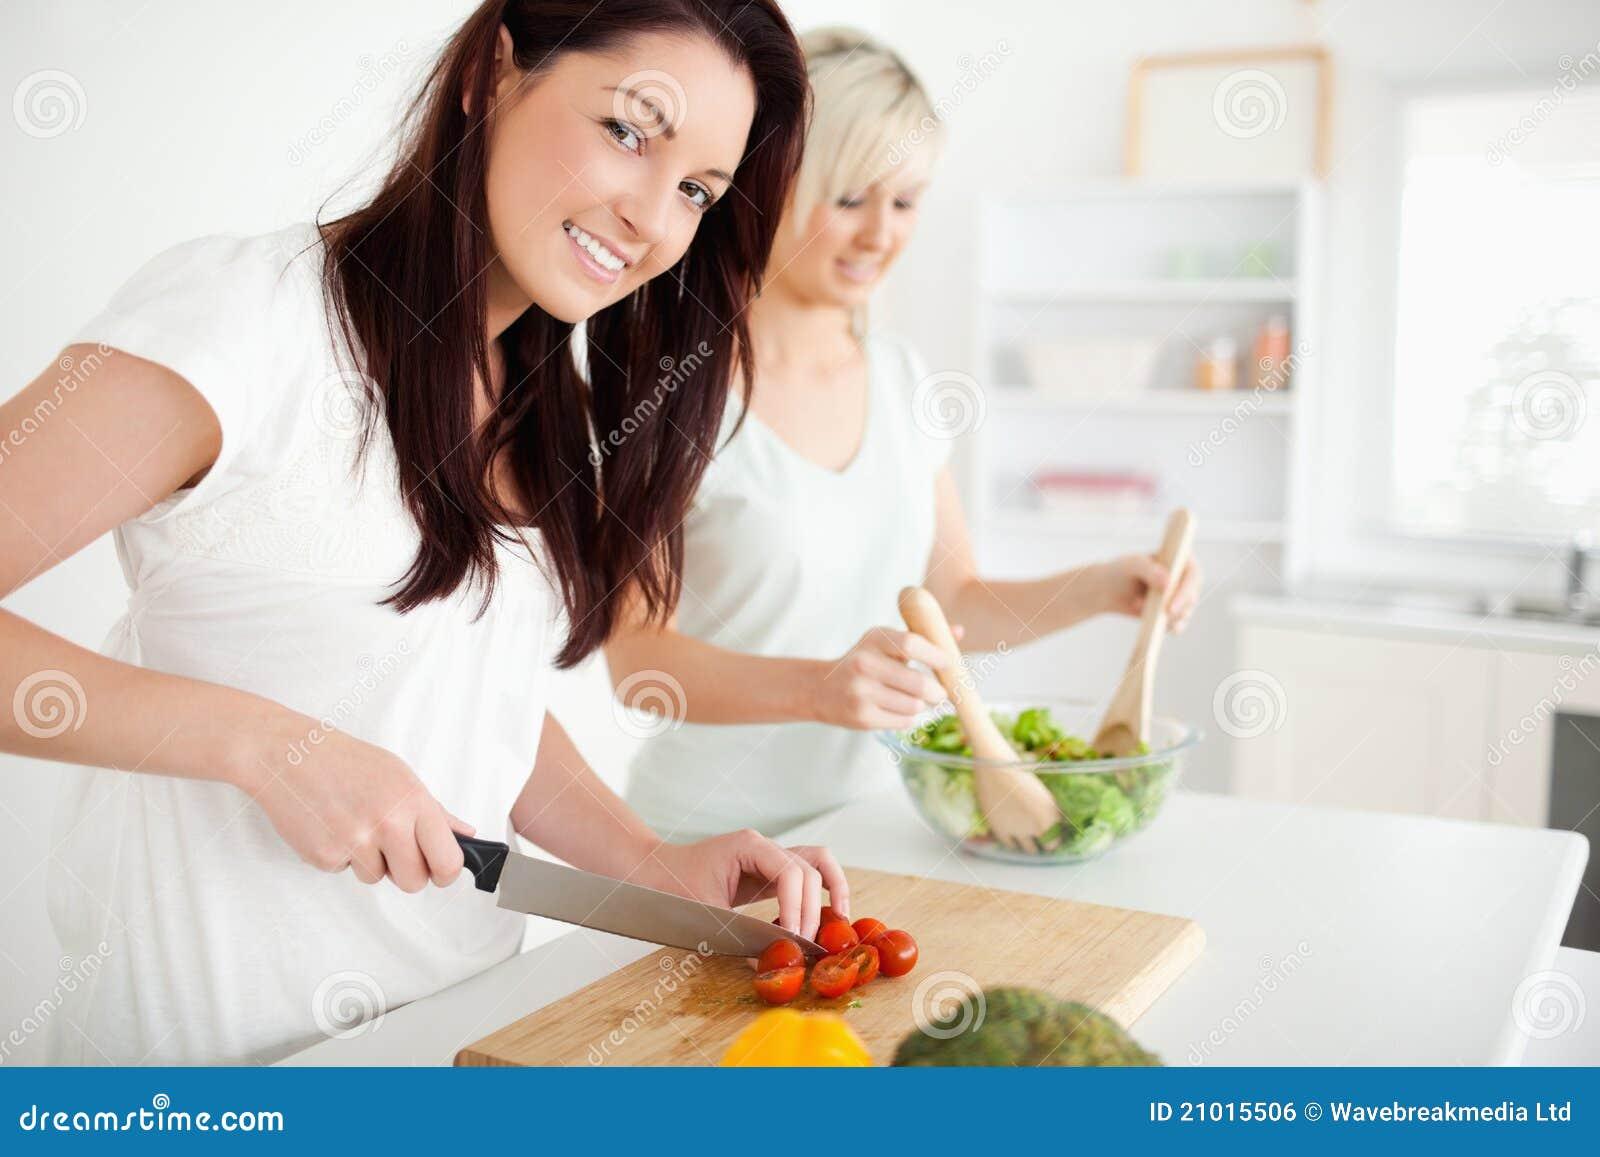 Herrliche junge Frauen, die Abendessen vorbereiten